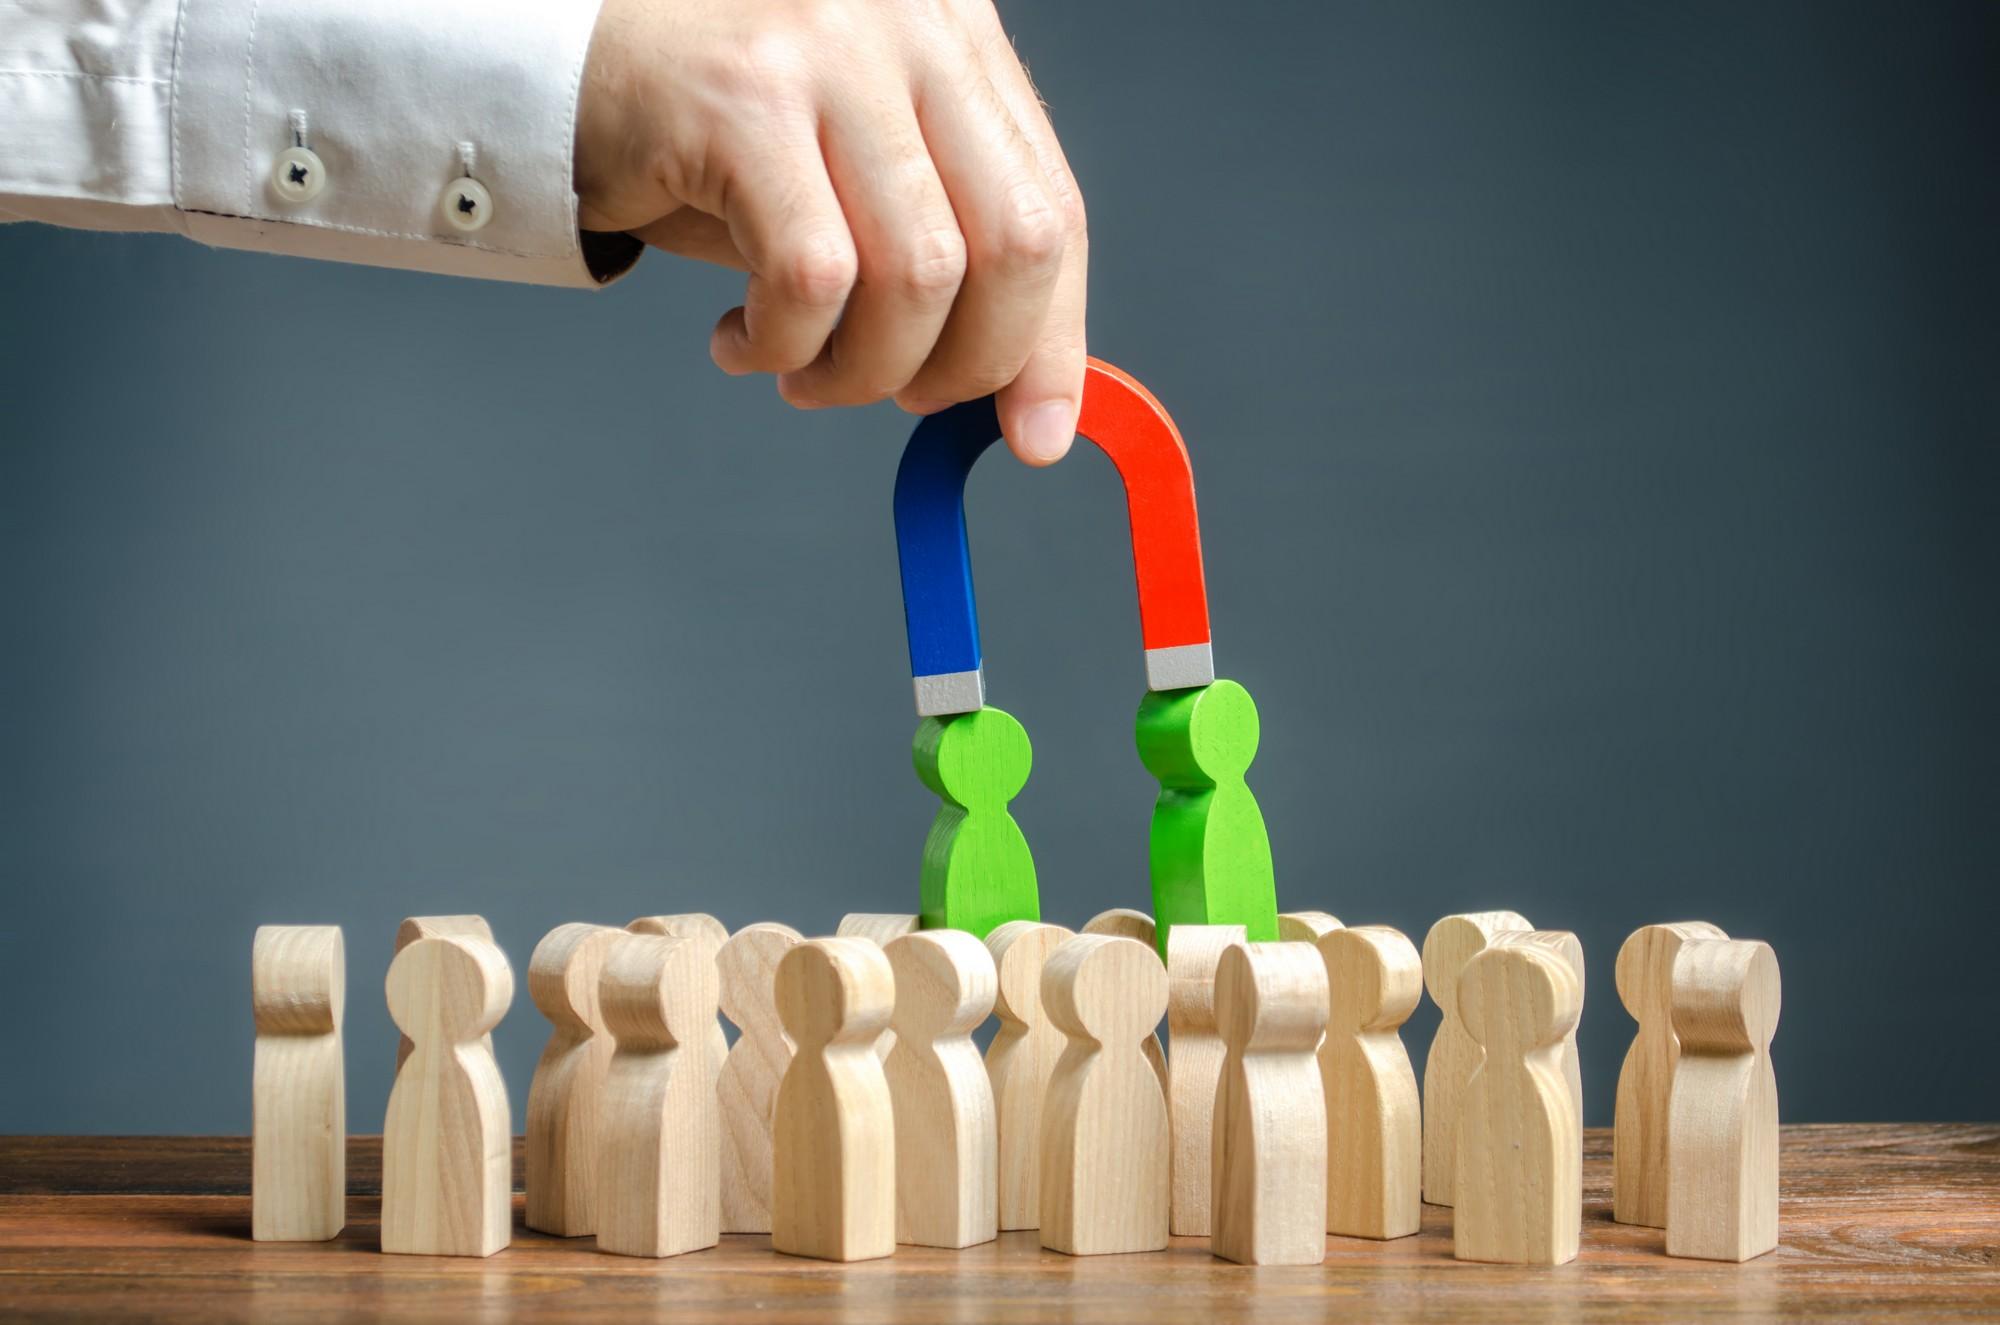 人事管理,兼職管理,技術人員管理,員工資訊,職務分類,派遣系統